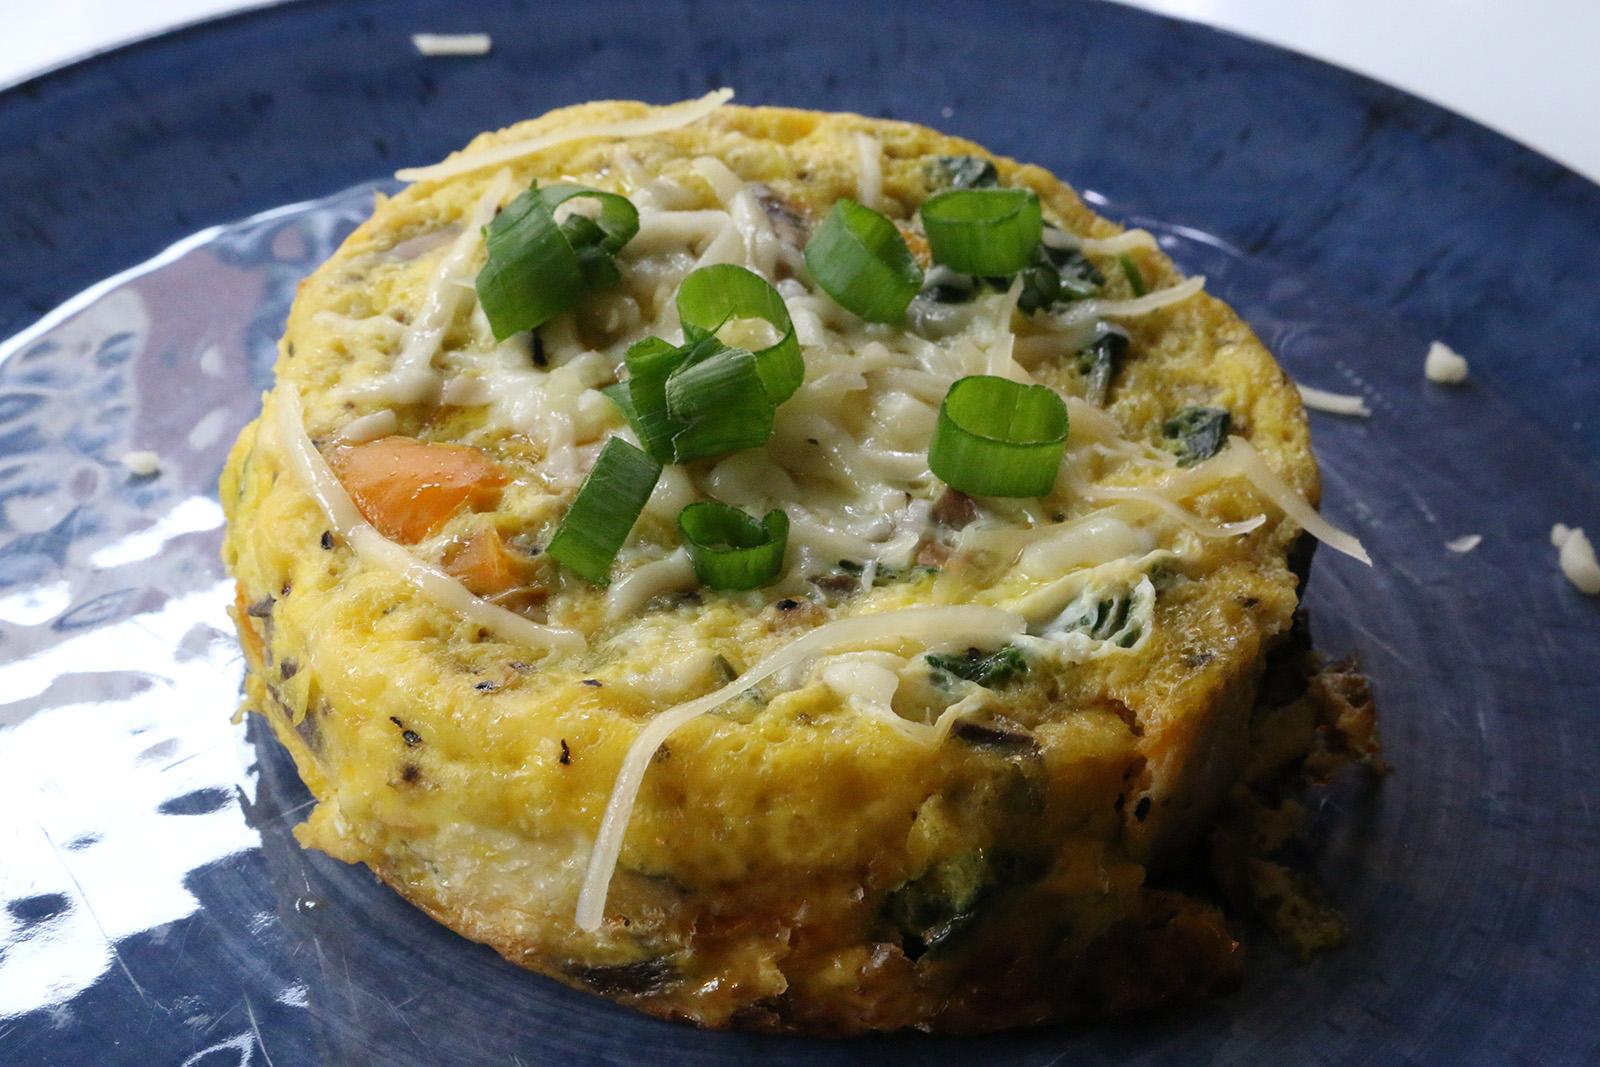 Dorm Dining Rice Cooker Frittata Not A Yolk Get Egg Cited For Omelet Alternative Daily Bruin